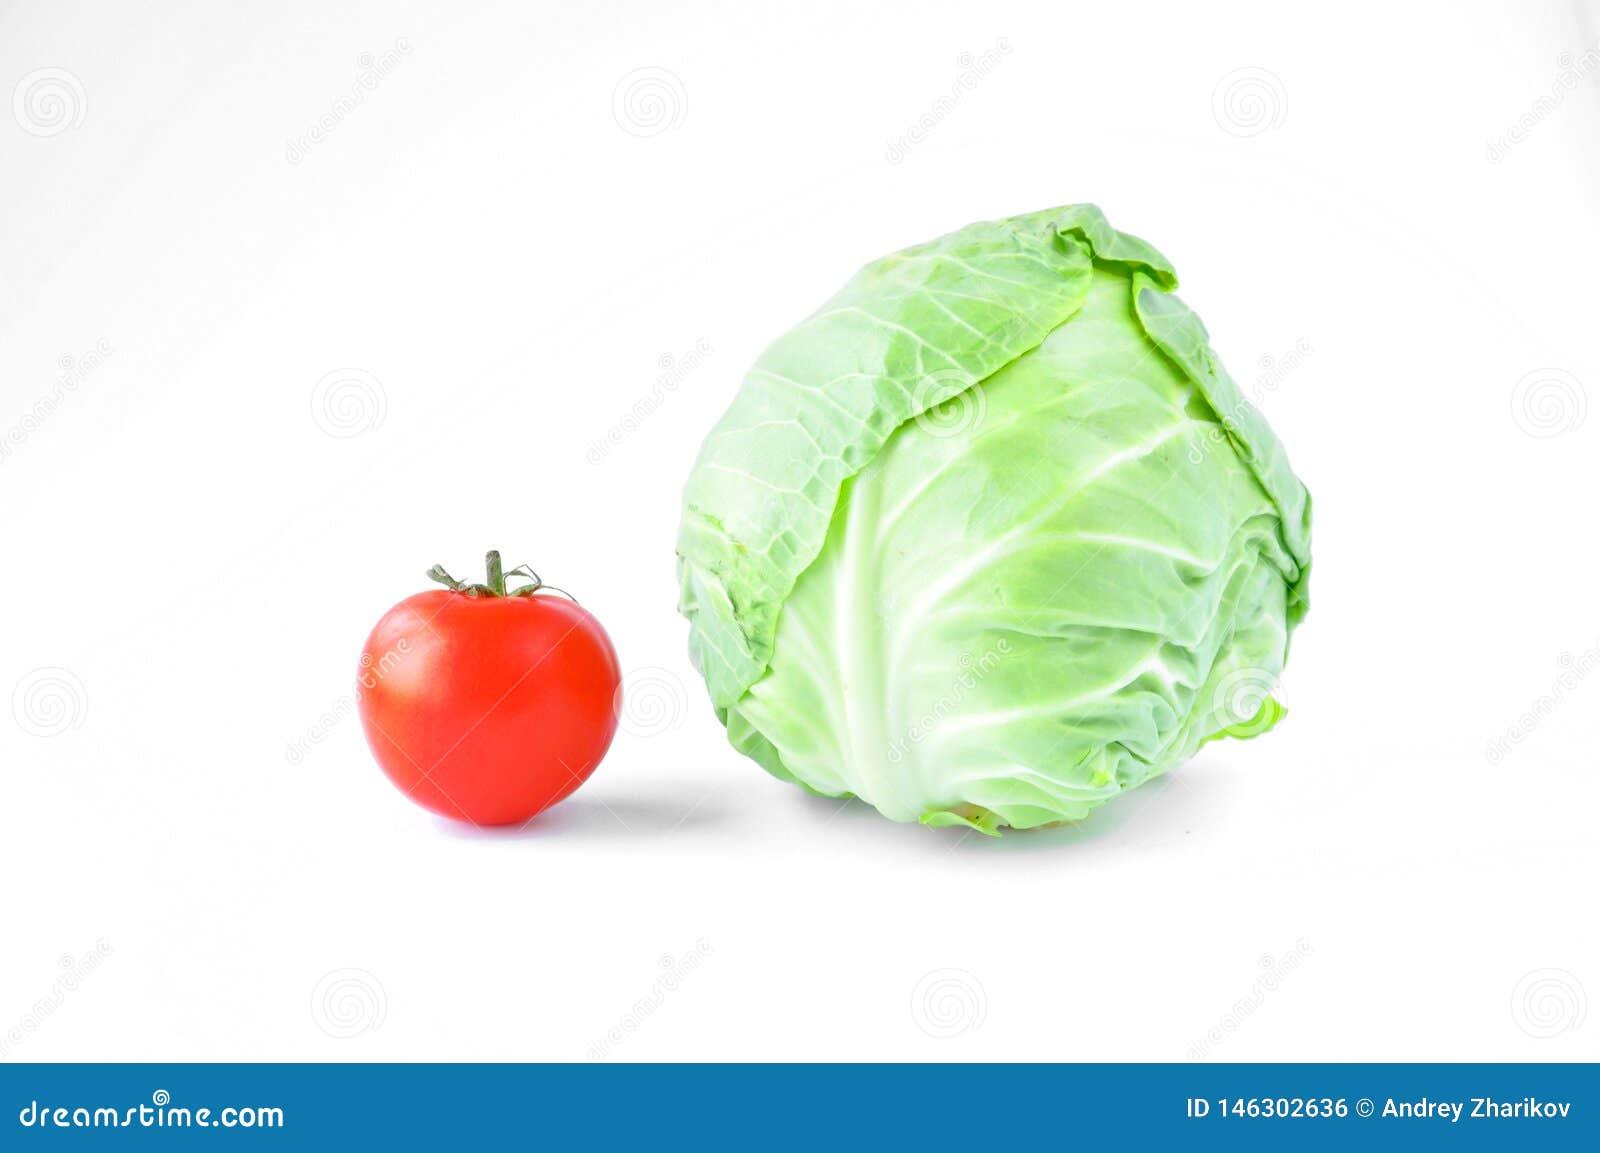 新鲜的蕃茄和圆白菜